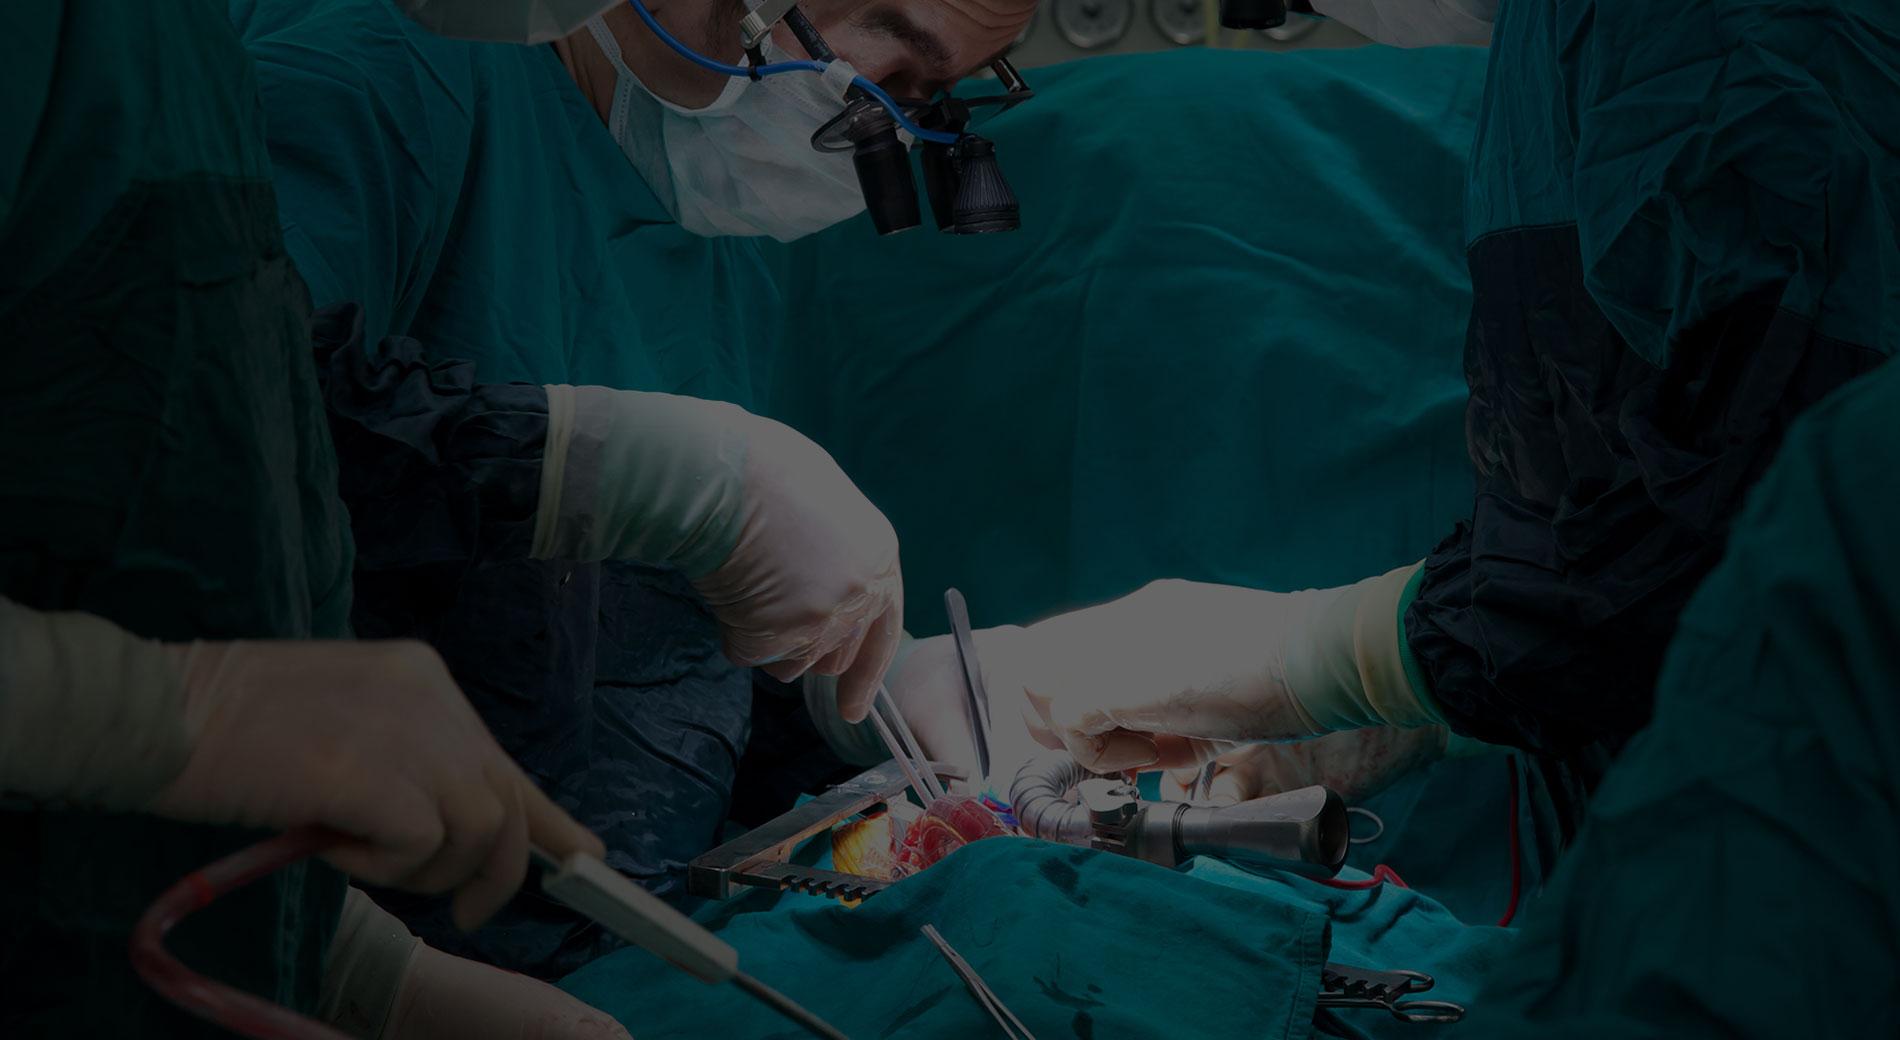 Foto scattata durante un'intervento chirurgico alla prostata